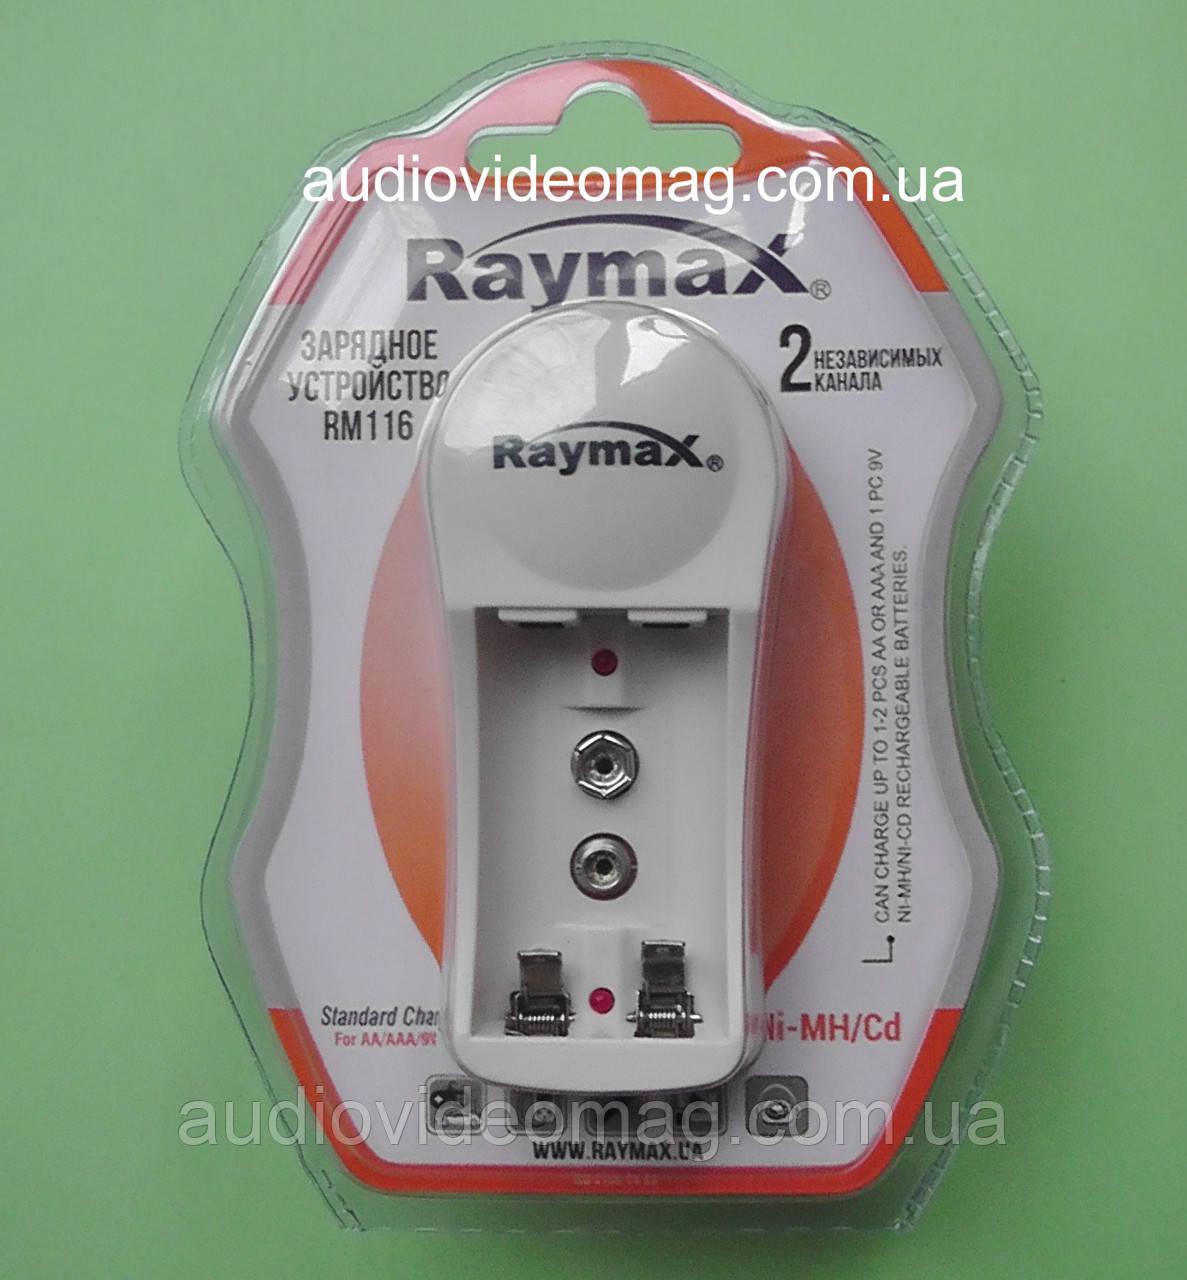 Зарядное устройство Raymax RM-116